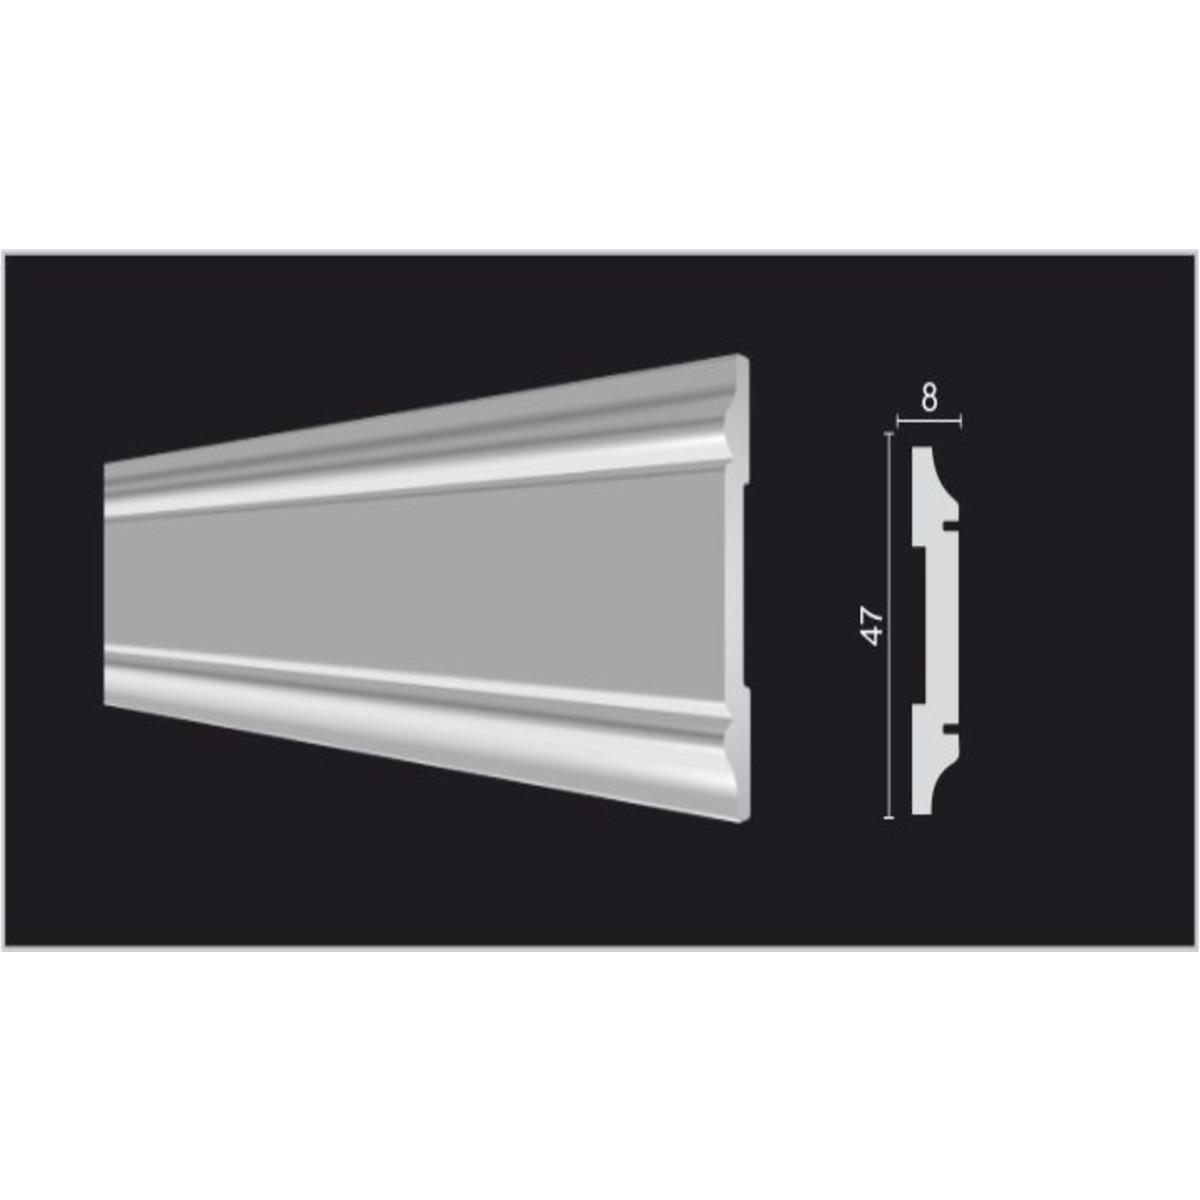 Молдинг стеновой Decor-Dizayn DD32 8х200 см дюропласт